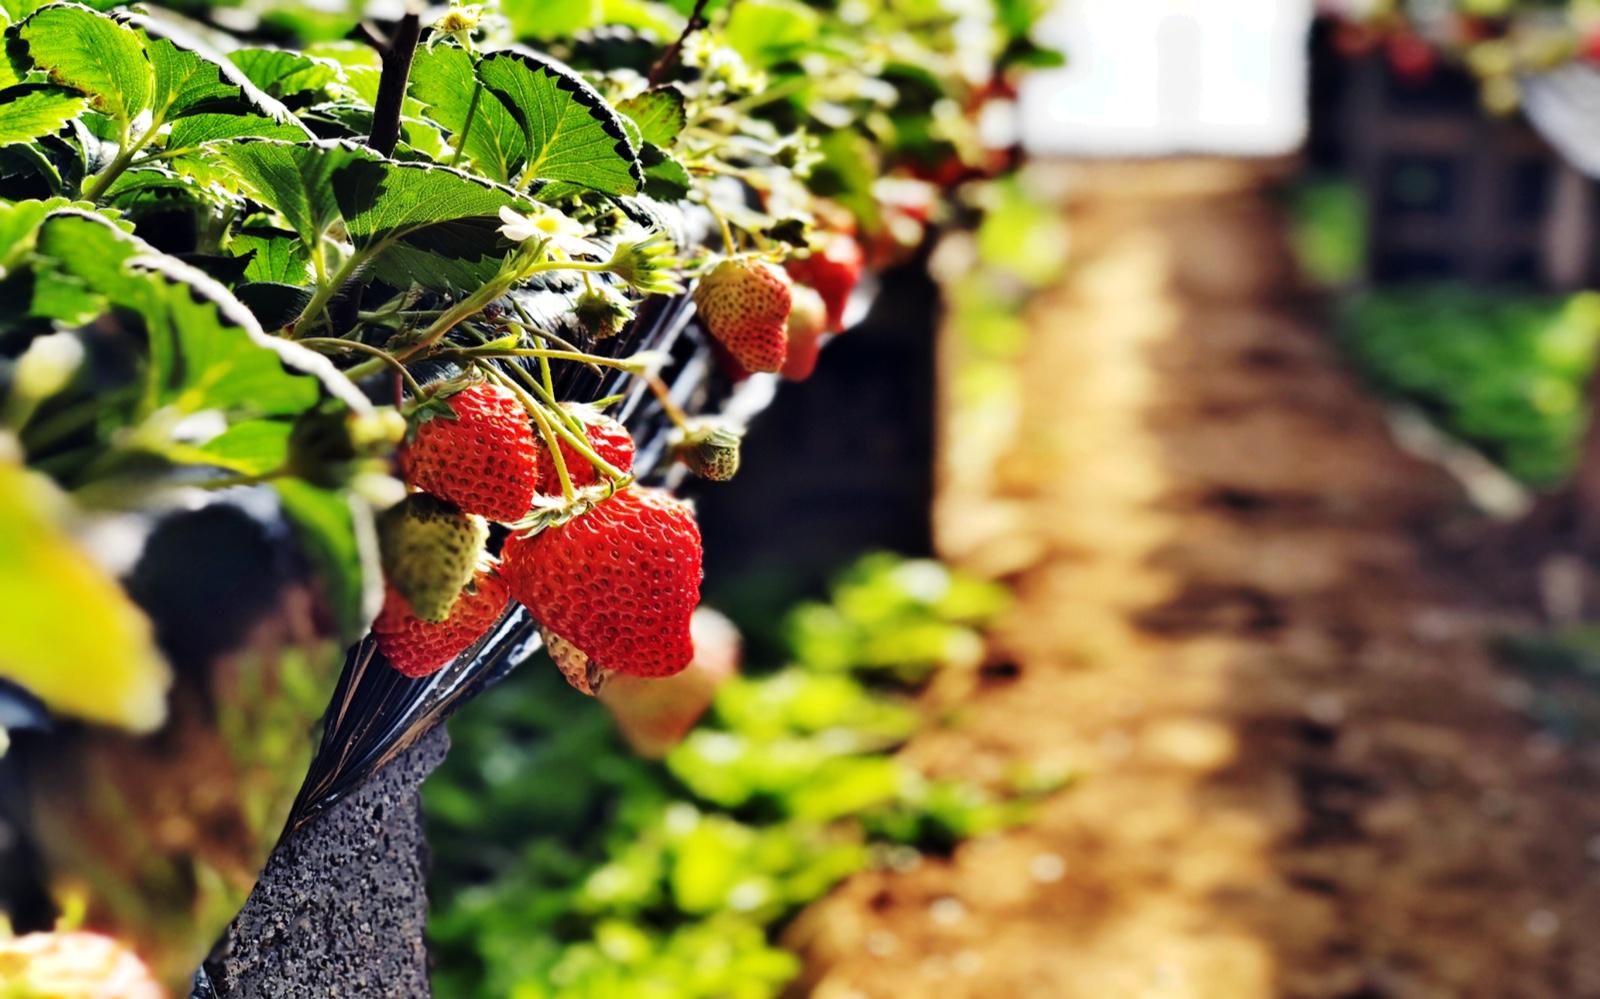 联点数据基于农业智能垂直领域,实现种植生产标准自动化